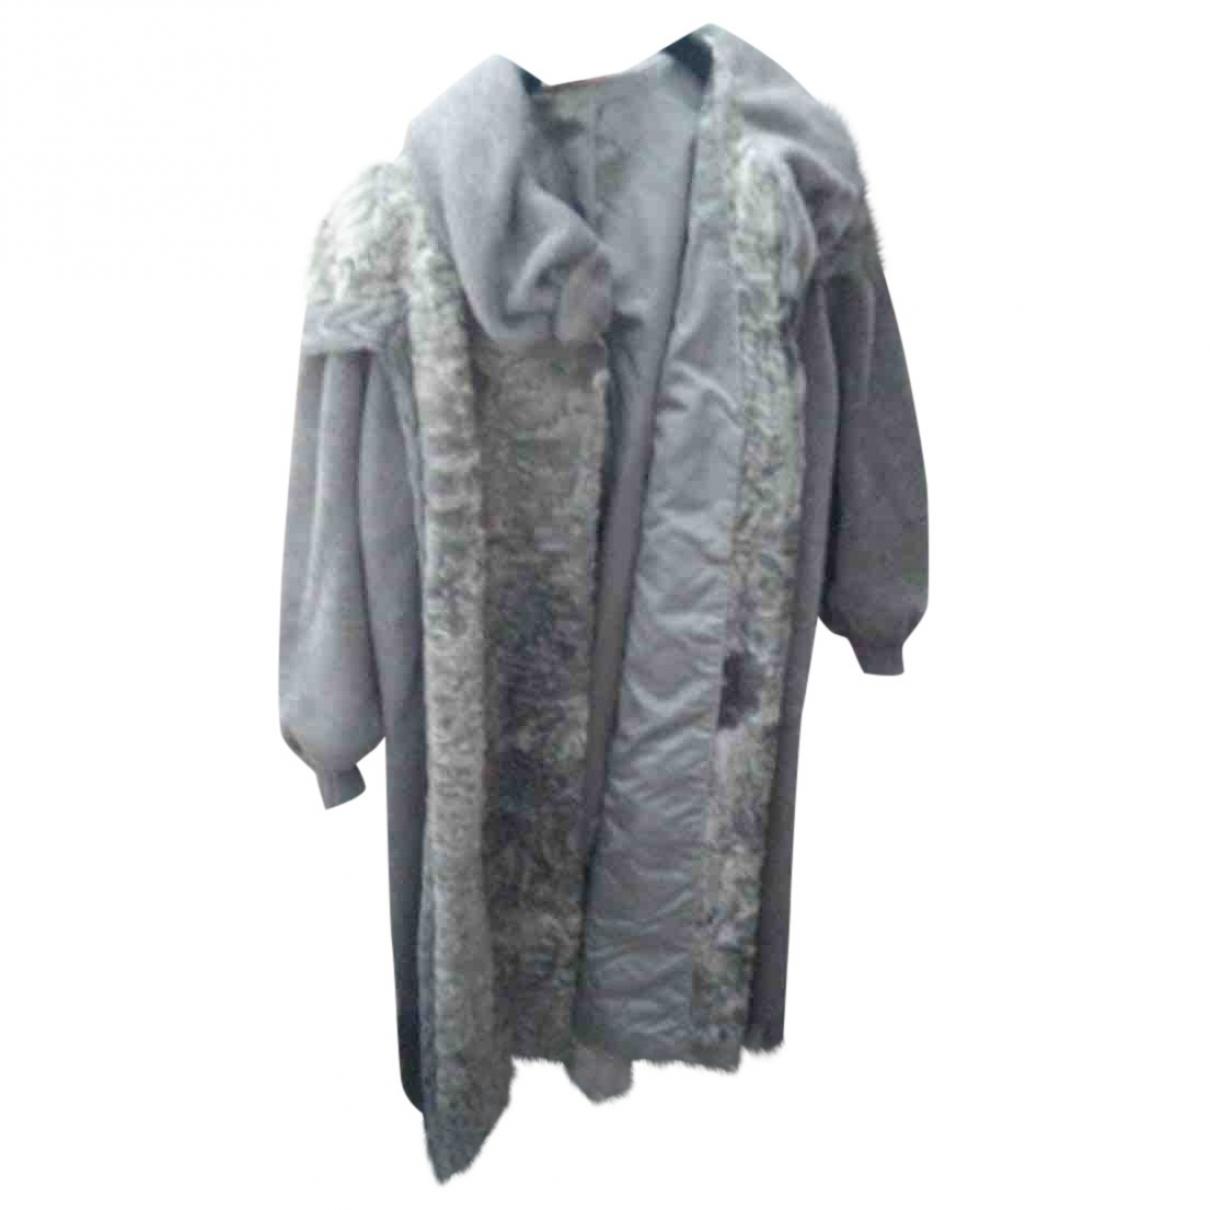 Pellicciai - Manteau   pour femme en agneau de mongolie - gris